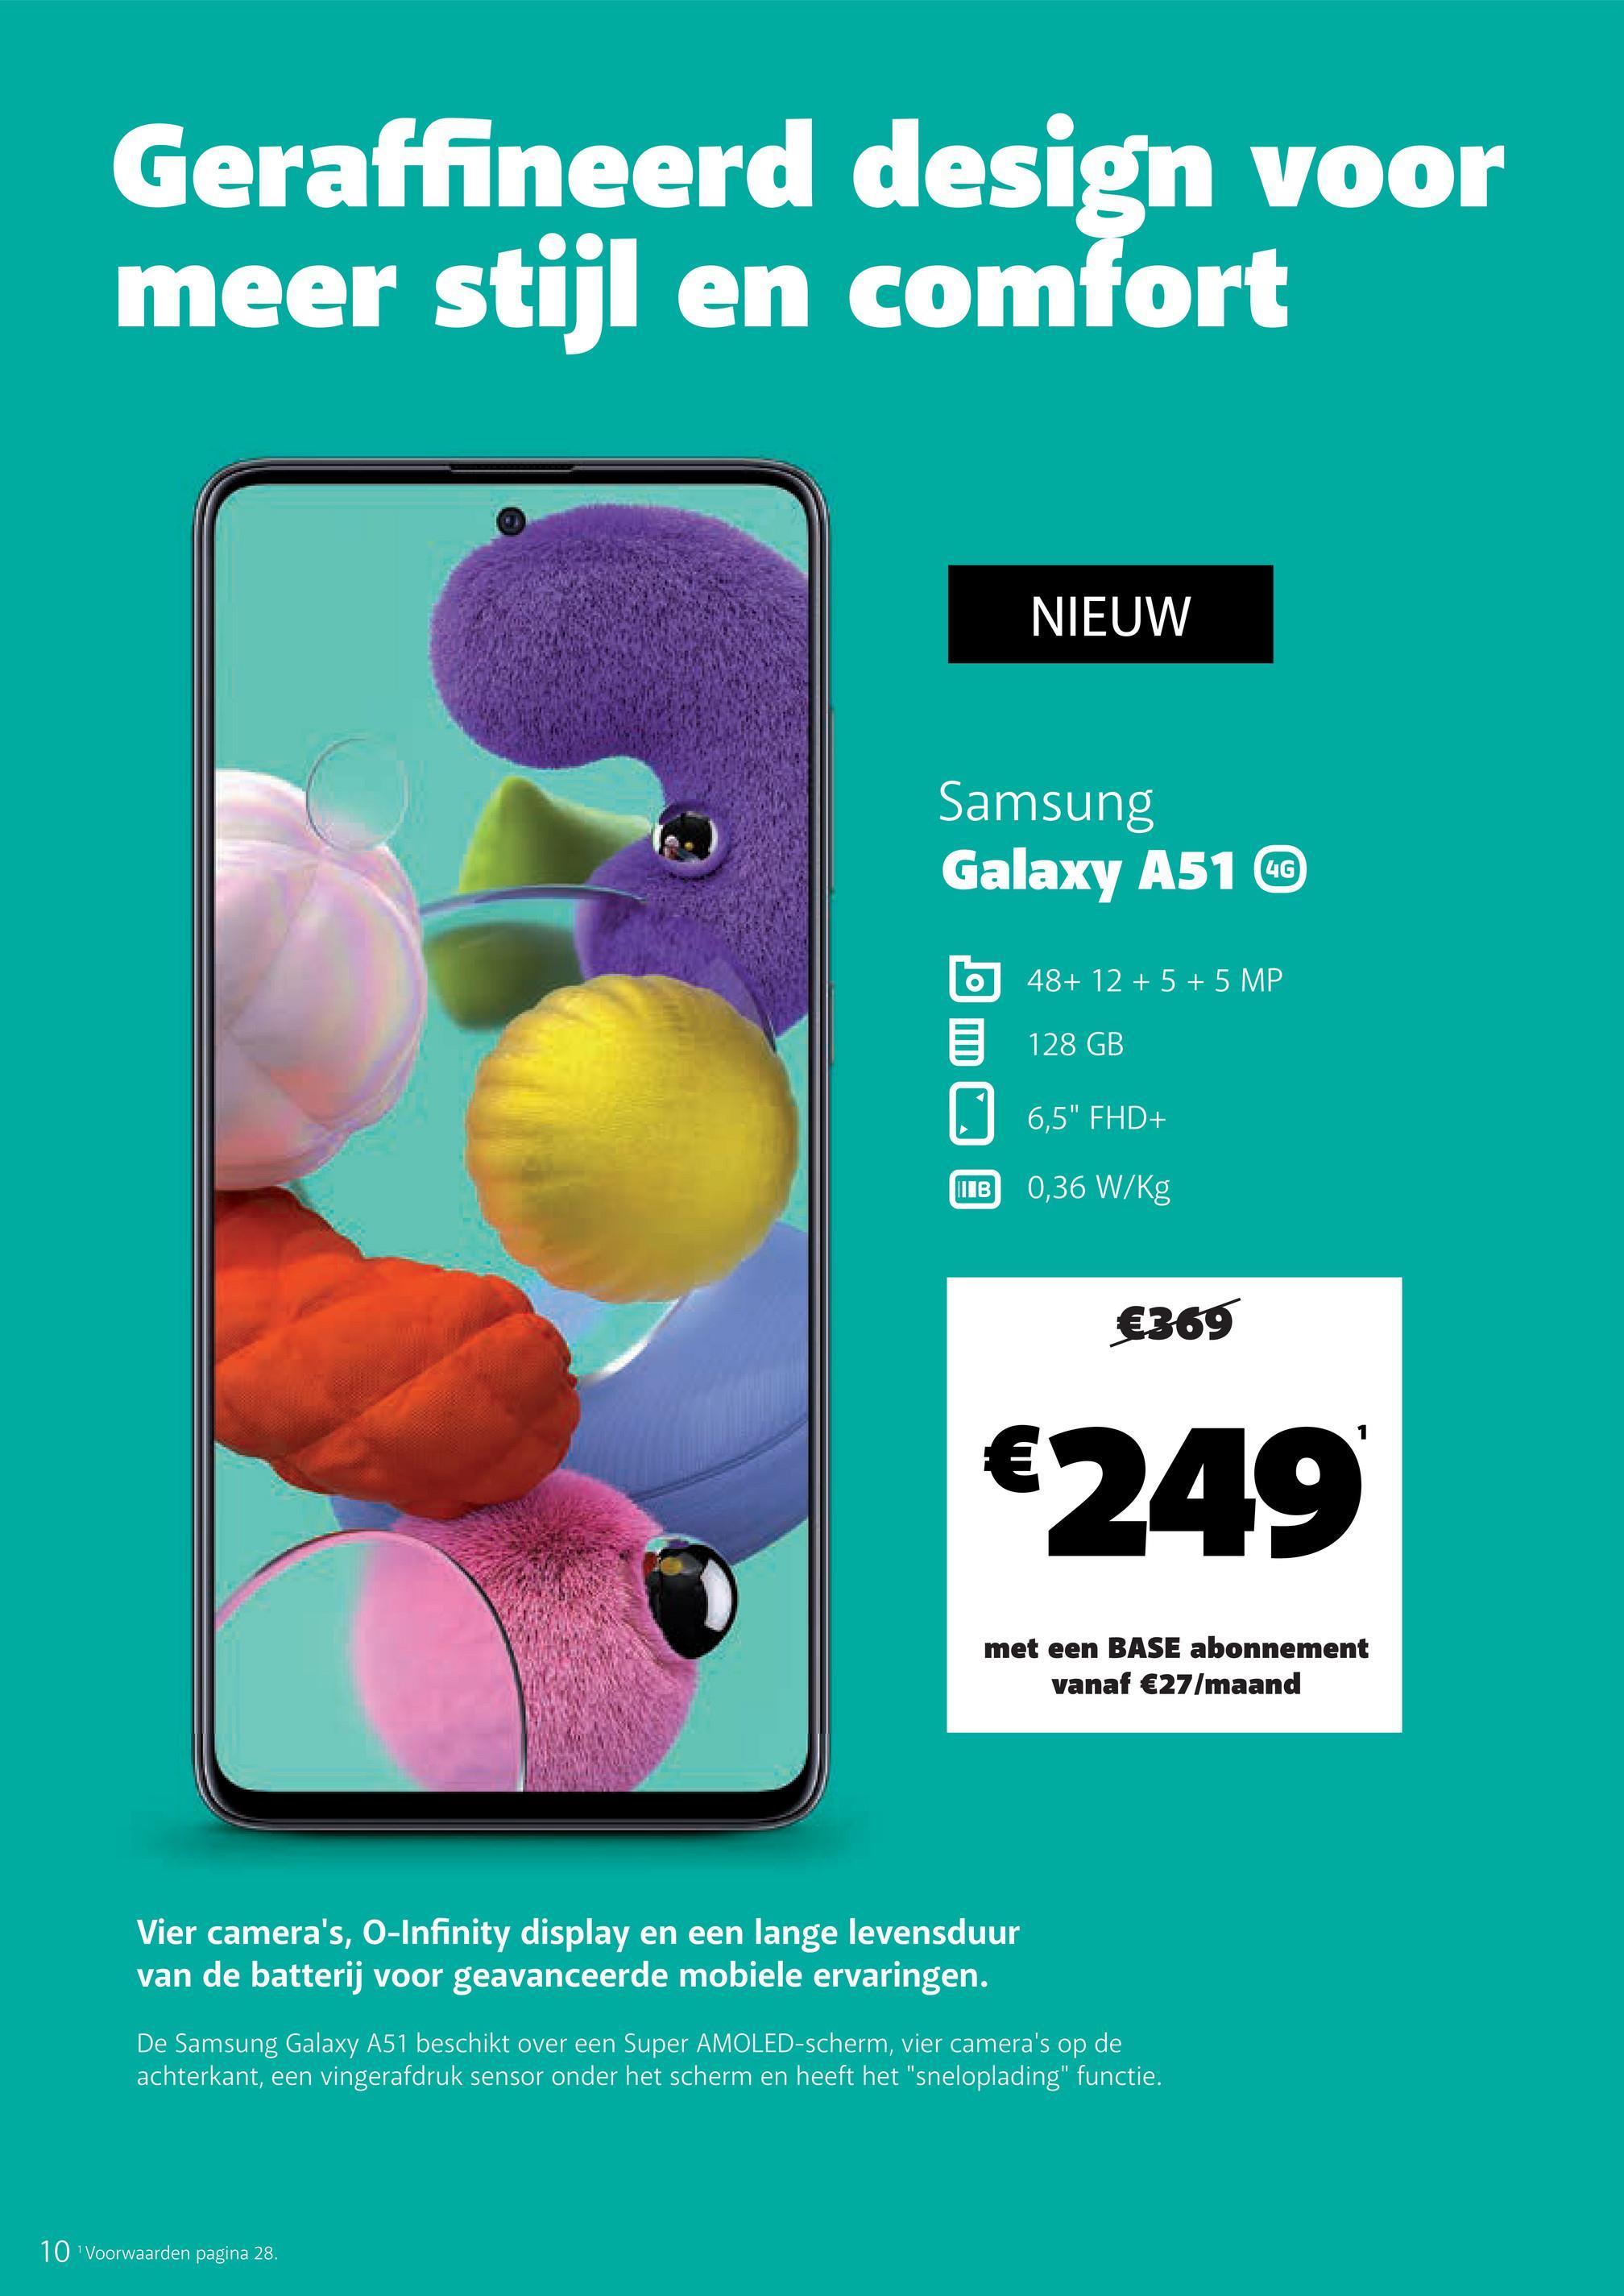 """Geraffineerd design voor meer stijl en comfort _NIEUW Samsung Galaxy A51 C b 48+ 12 + 5 + 5 MP 6 128 GB 96,5"""" FHD+ B 0,36 W/Kg €369 €249 met een BASE abonnement vanaf €27/maand Vier camera's, O-Infinity display en een lange levensduur van de batterij voor geavanceerde mobiele ervaringen. De Samsung Galaxy A51 beschikt over een Super AMOLED-scherm, vier camera's op de achterkant, een vingerafdruk sensor onder het scherm en heeft het """"sneloplading"""" functie. 10 Voorwaarden pagina 28."""